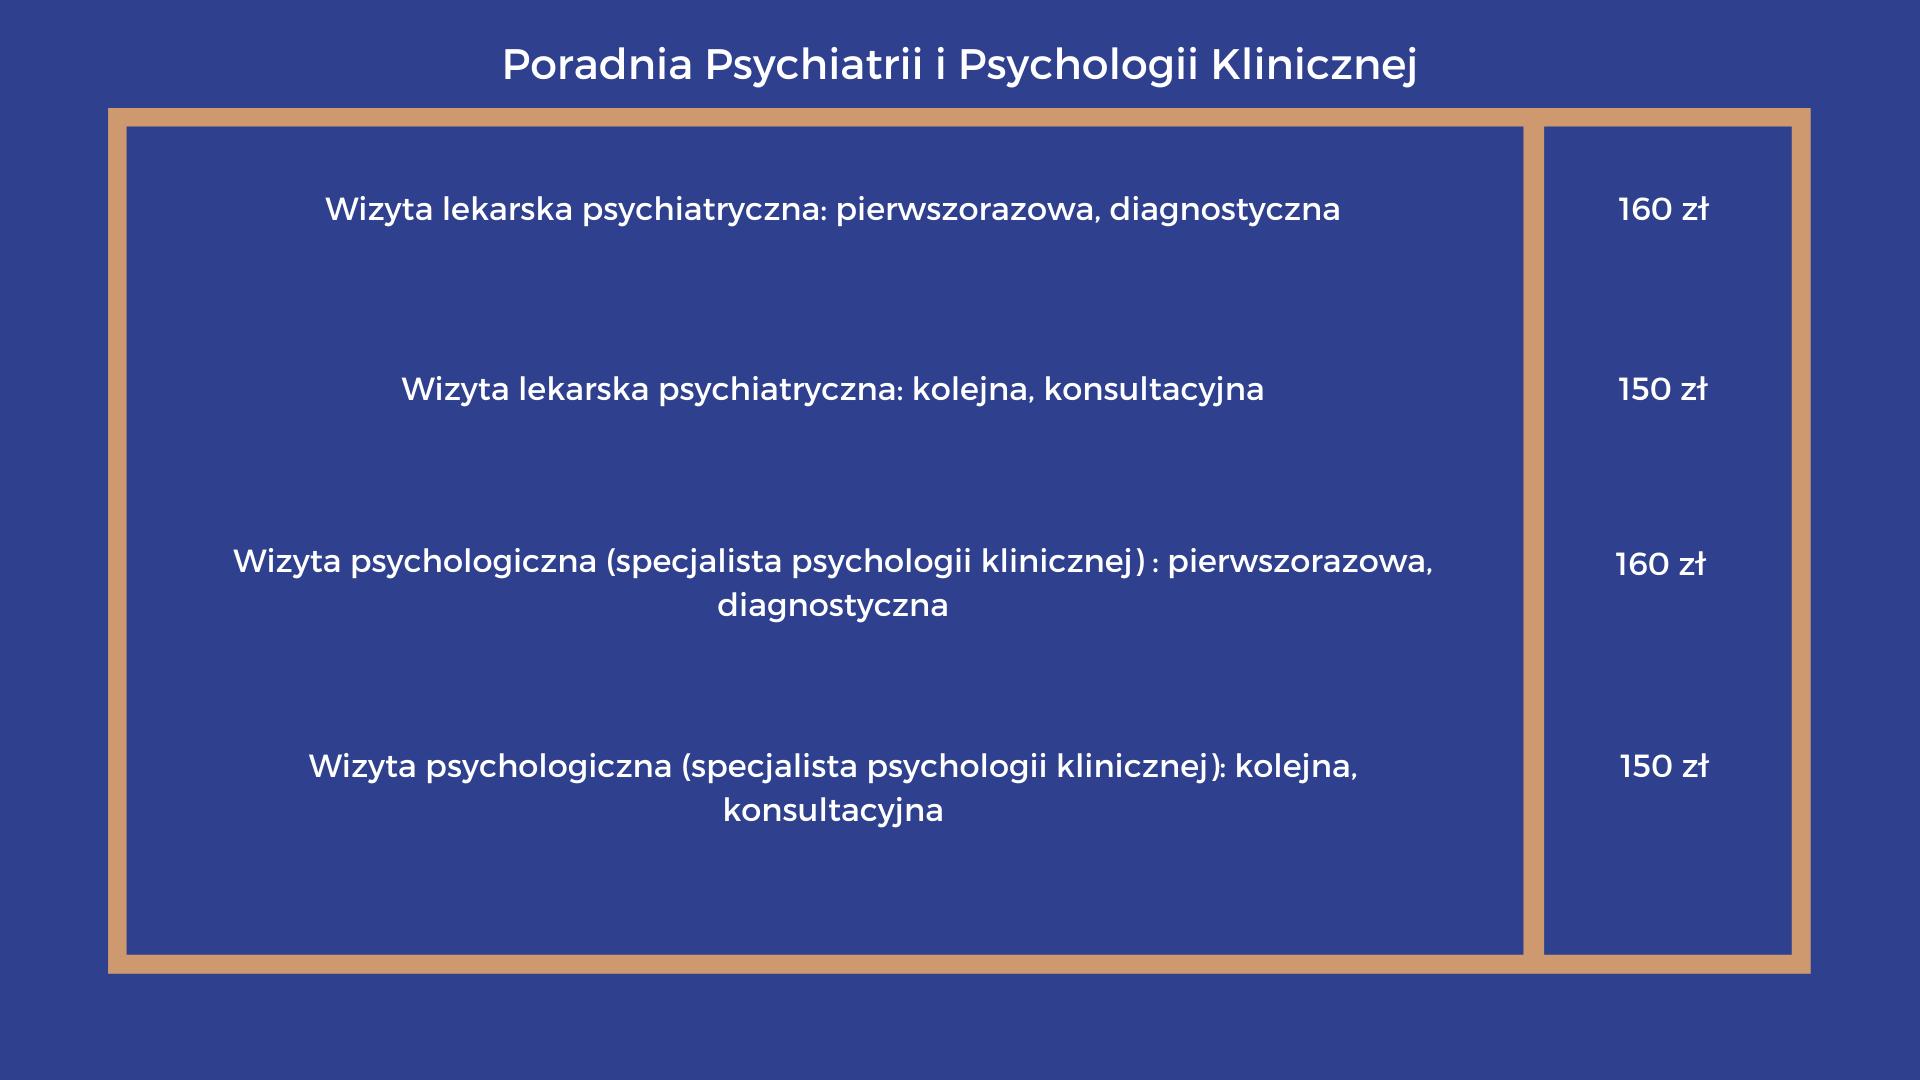 Poradnia psychiatrii i psycholgii medycznej